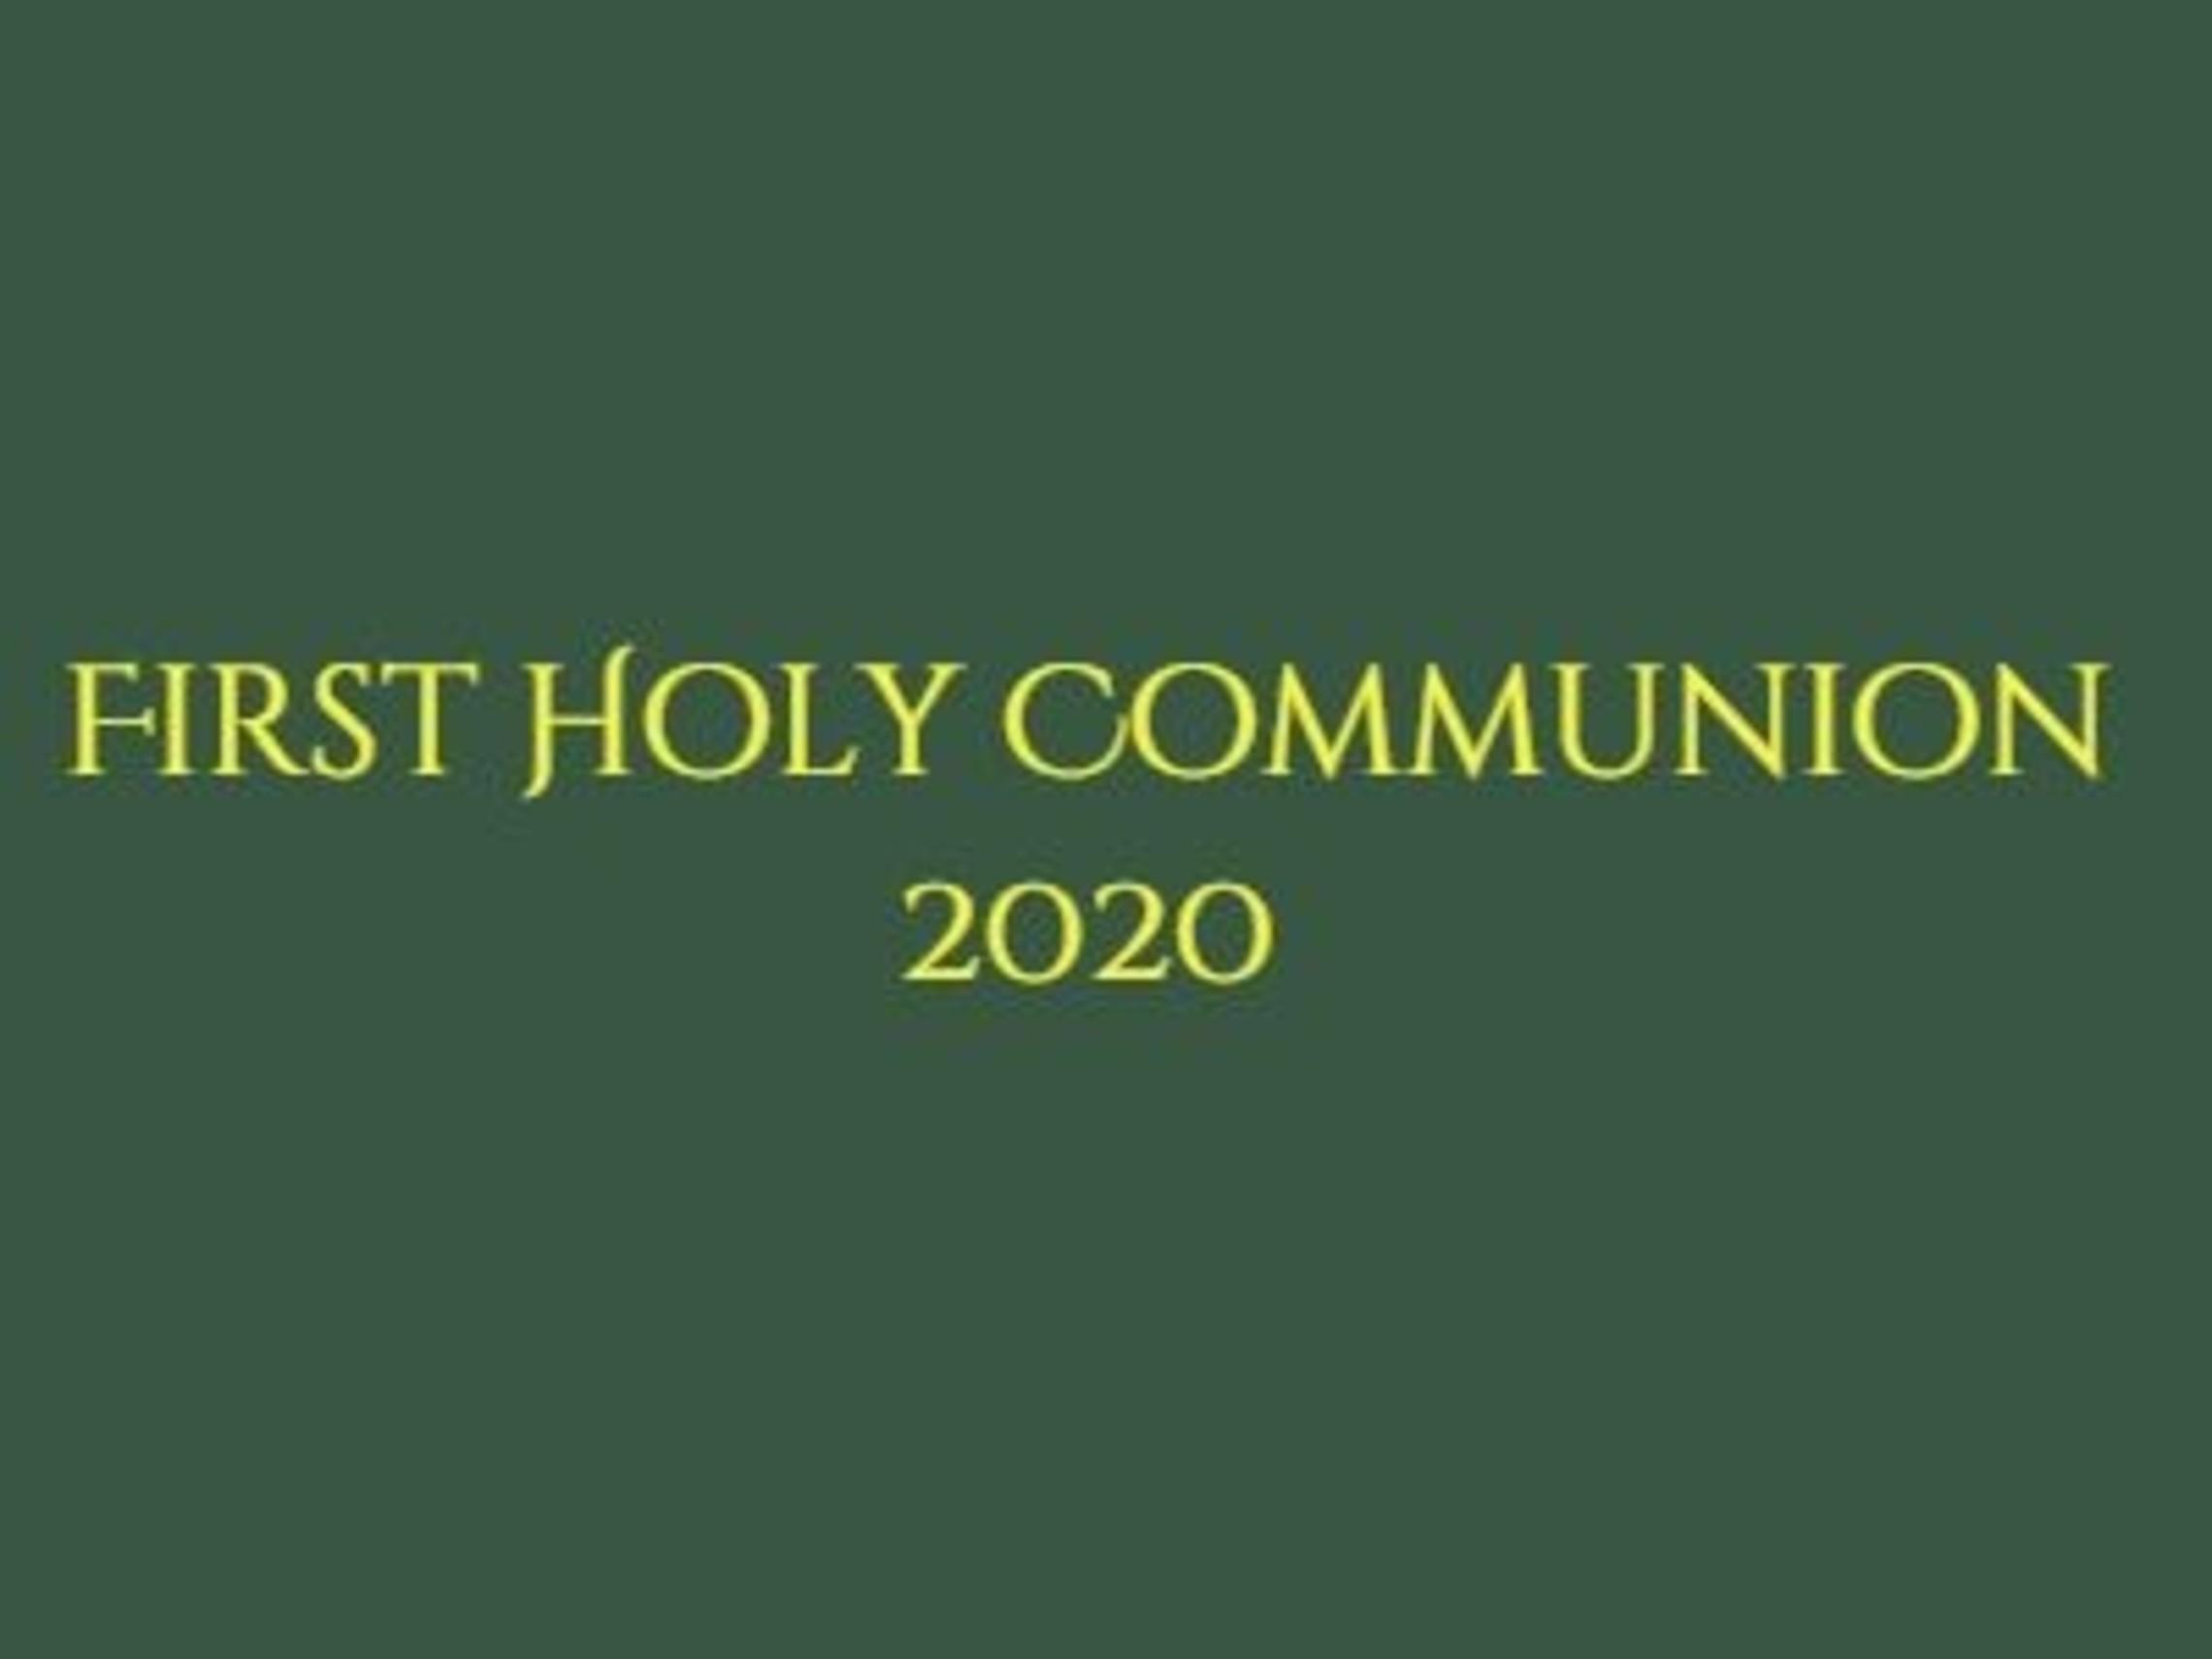 Fhc 2020